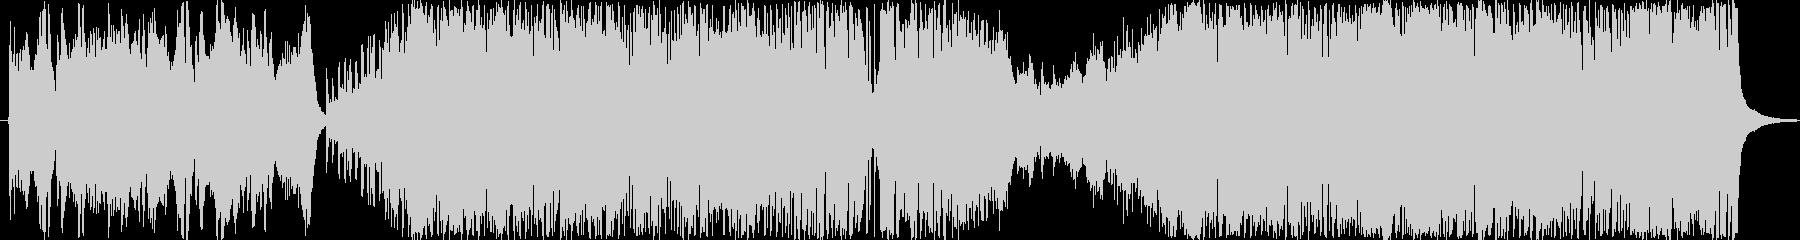 オーケストラやファンファーレ系の壮大OPの未再生の波形